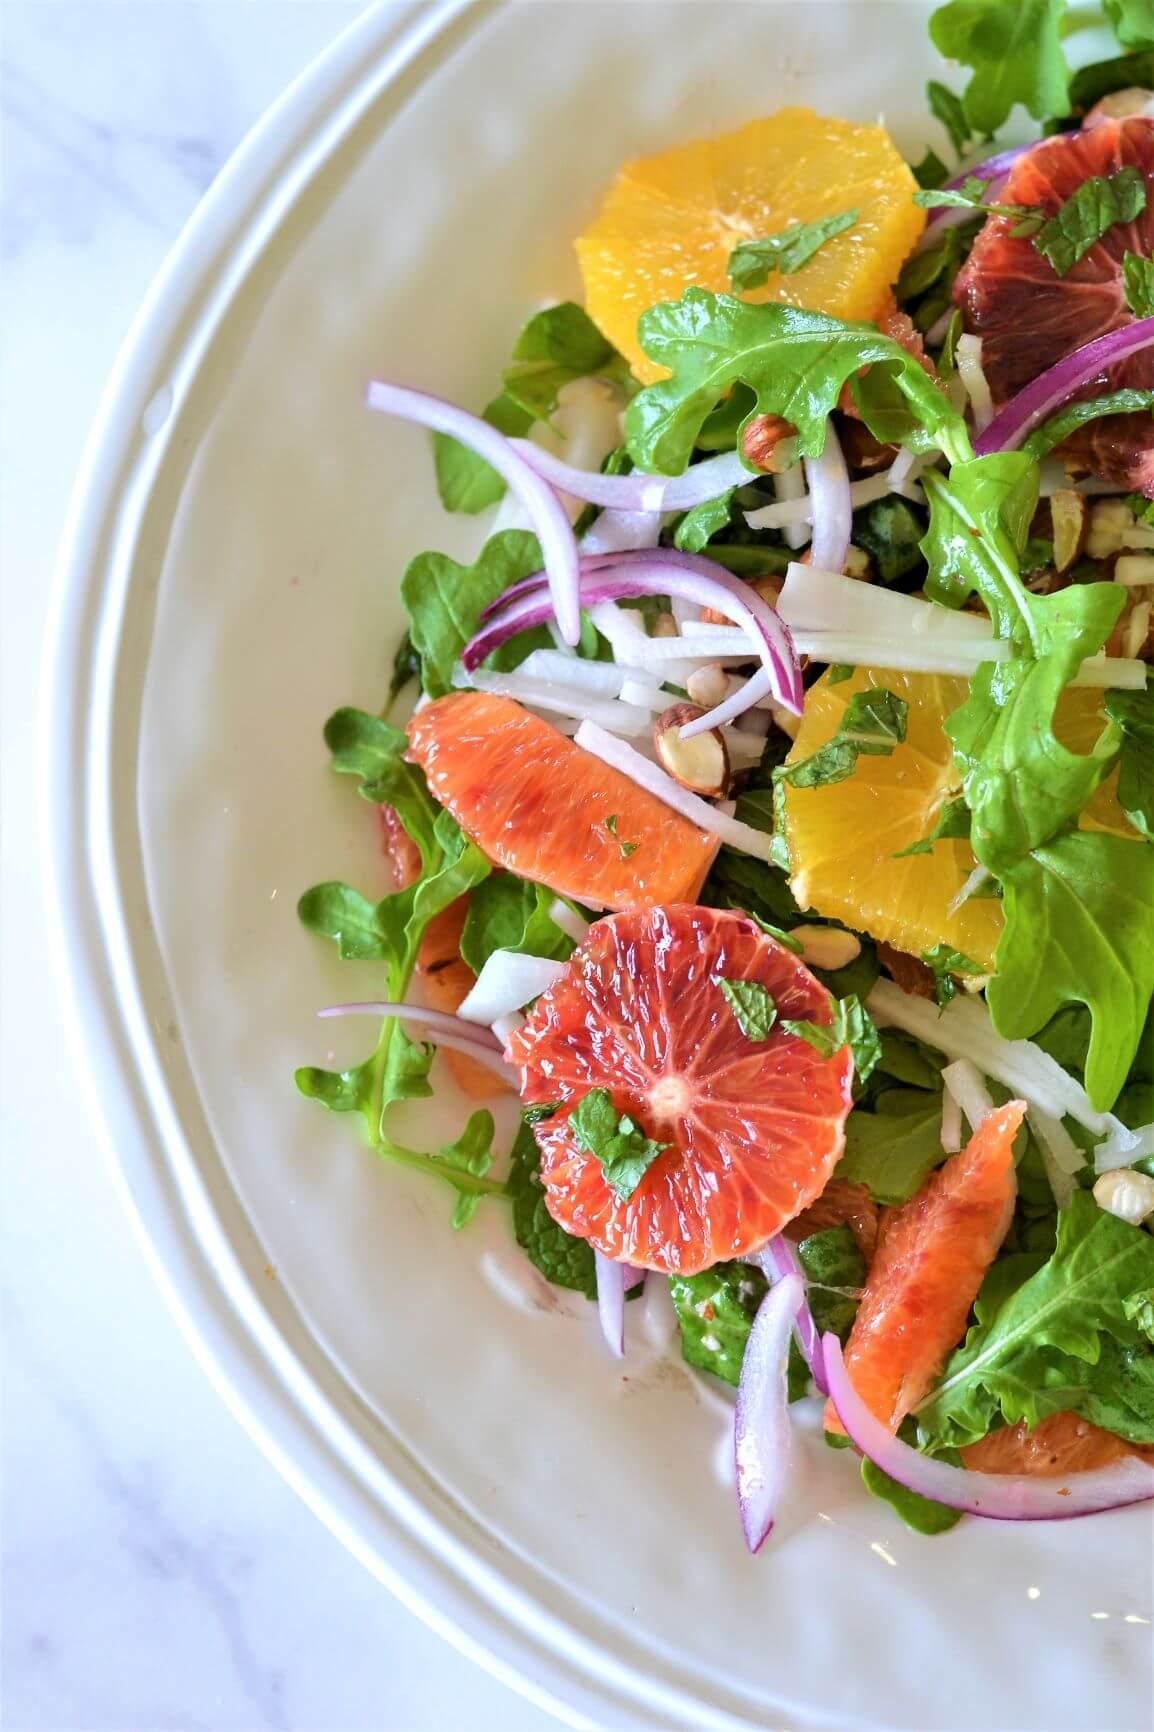 blood-orange-salad-on-plate